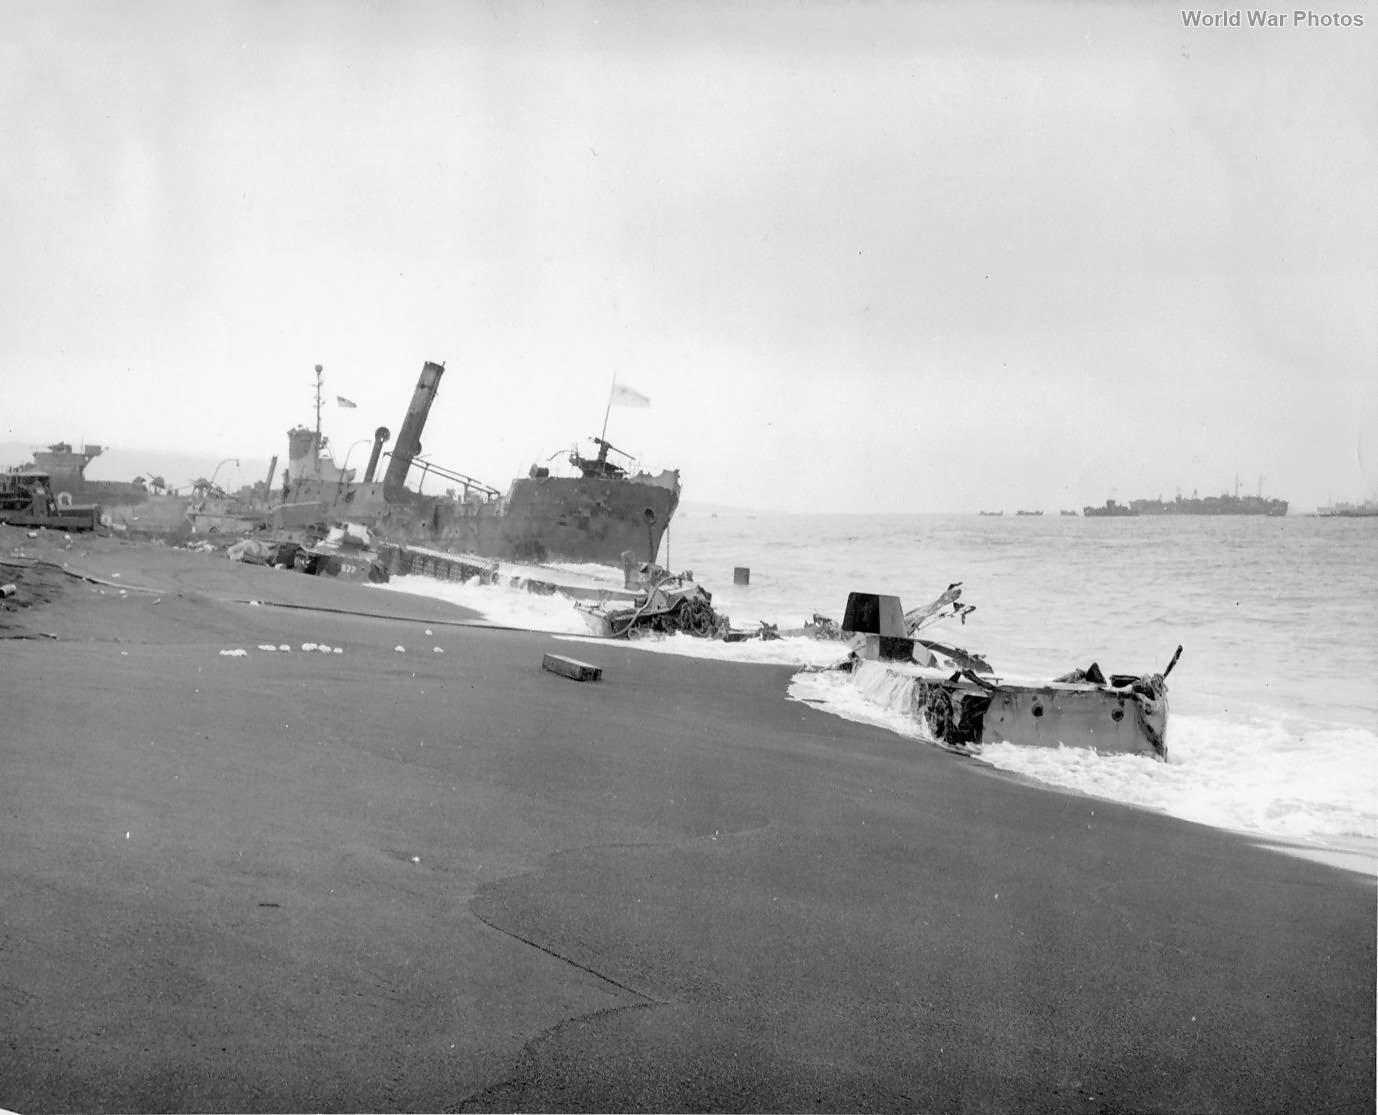 Remains on Yellow Beach D-Day+7 Iwo Jima